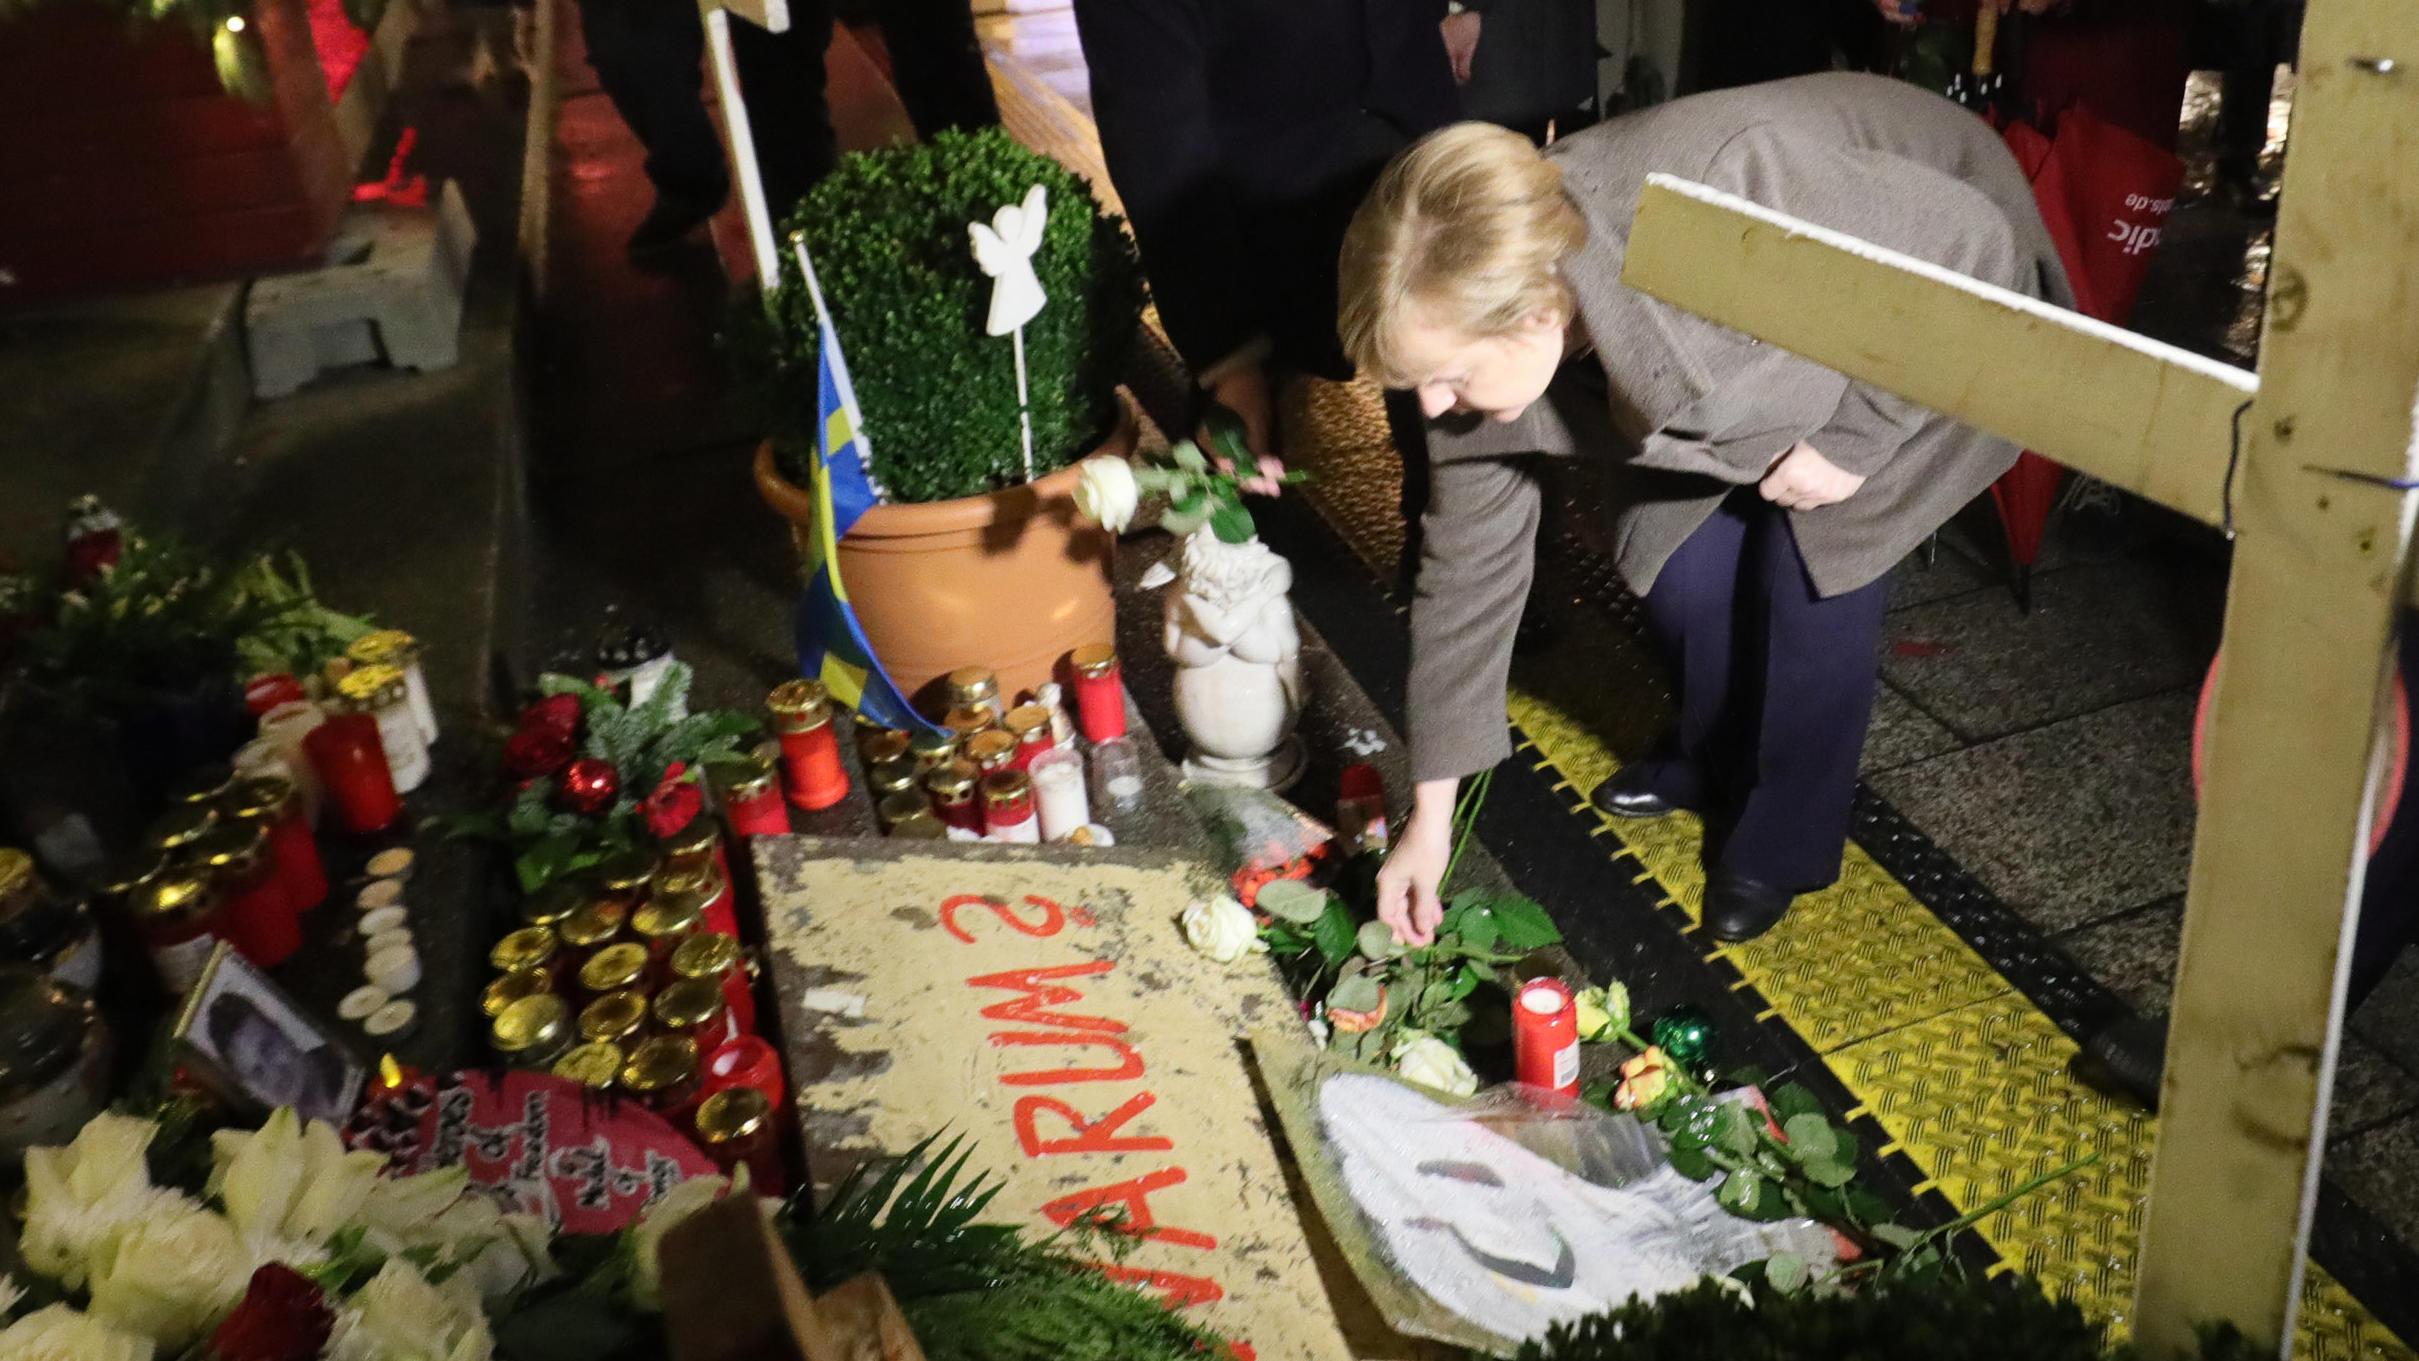 Nach Kritik von Hinterbliebenen: Merkel besucht Weihnachtsmarkt am Berliner Breitscheidplatz und gedenkt Terroropfern